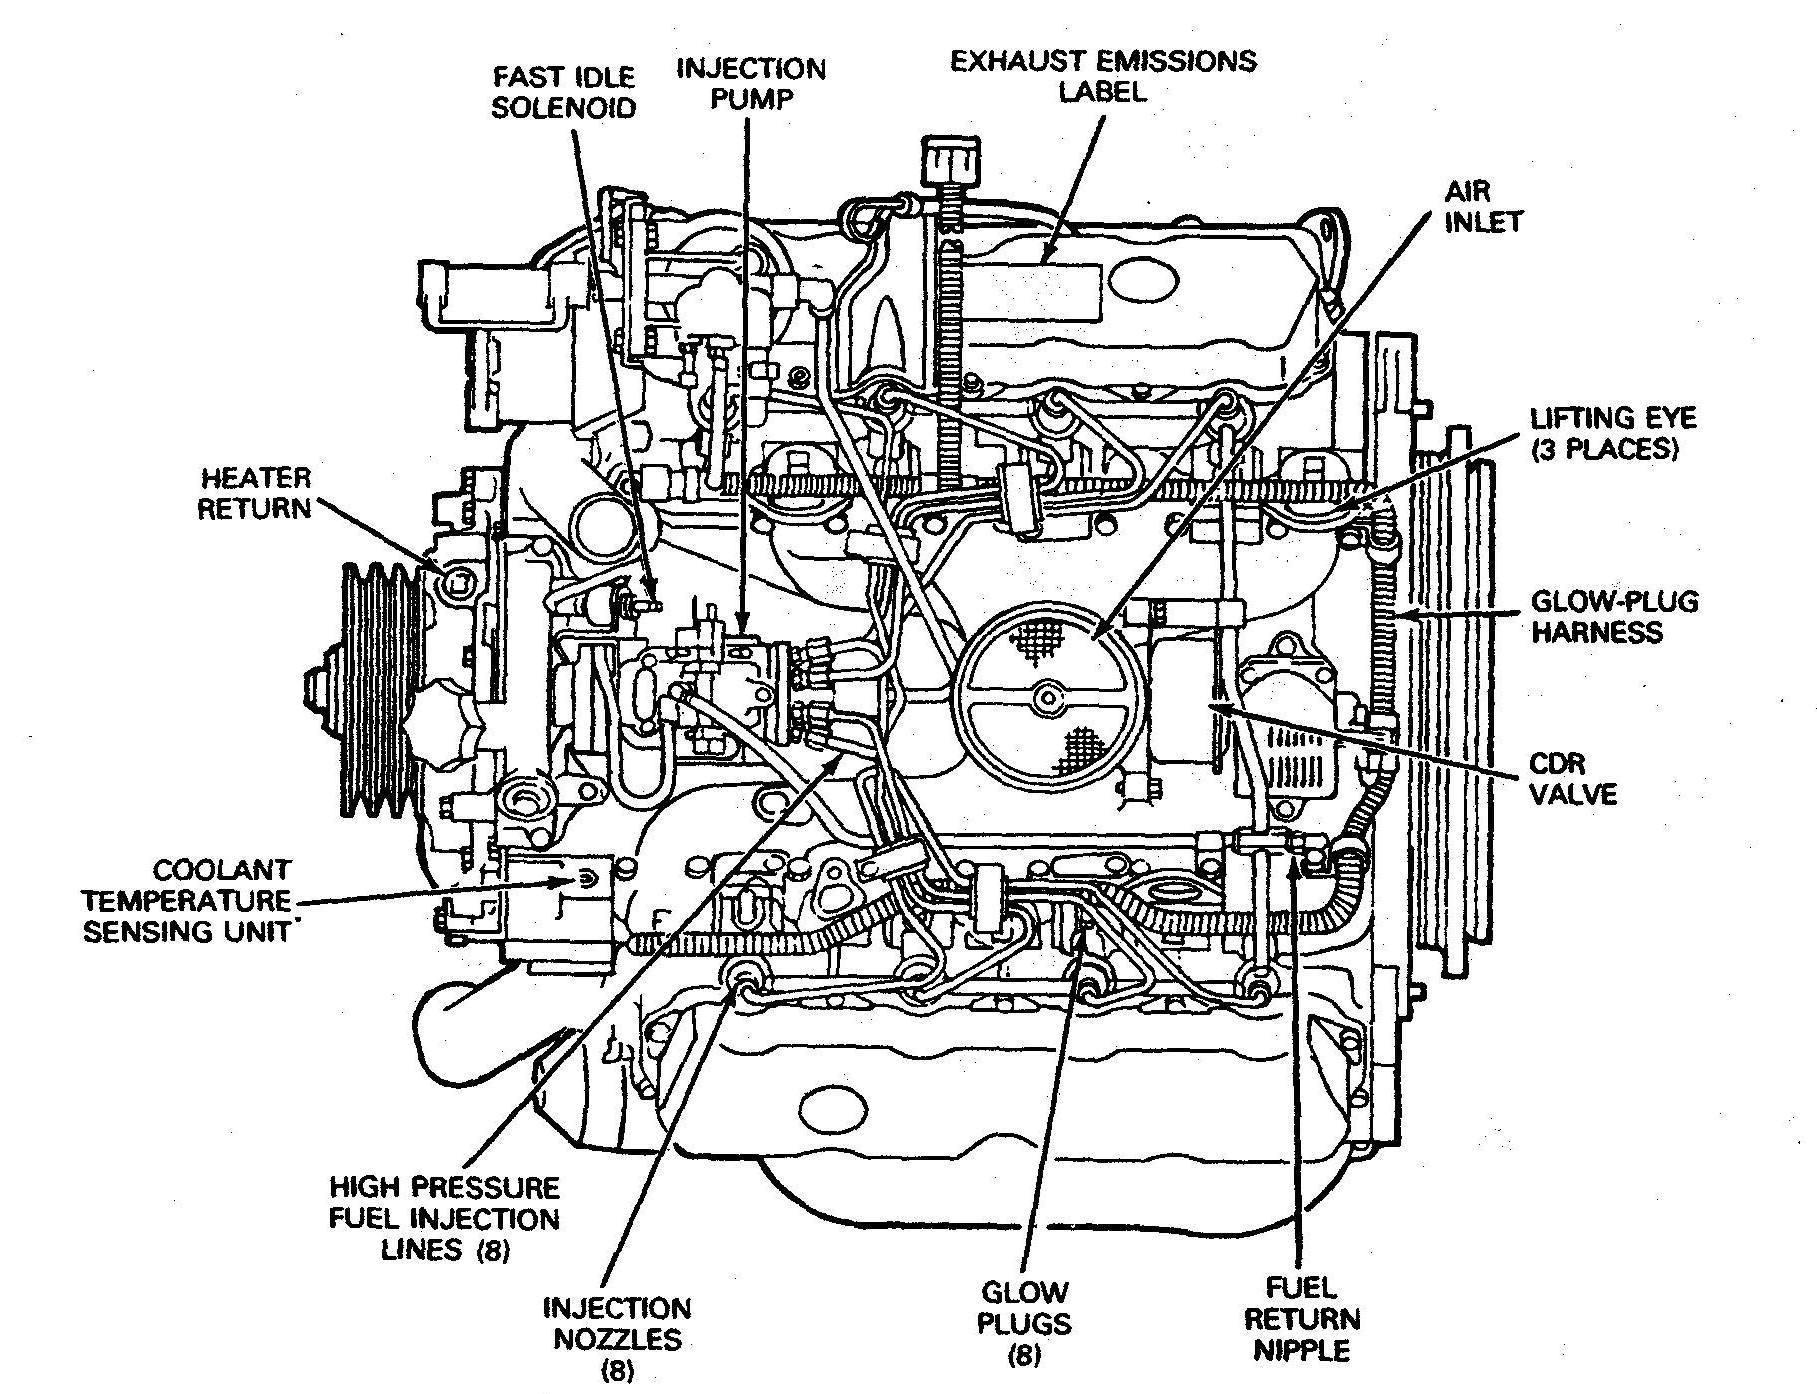 Parts Of A Car Diagram Automotive Engine Diagram Wiring Diagrams Of Parts Of A Car Diagram